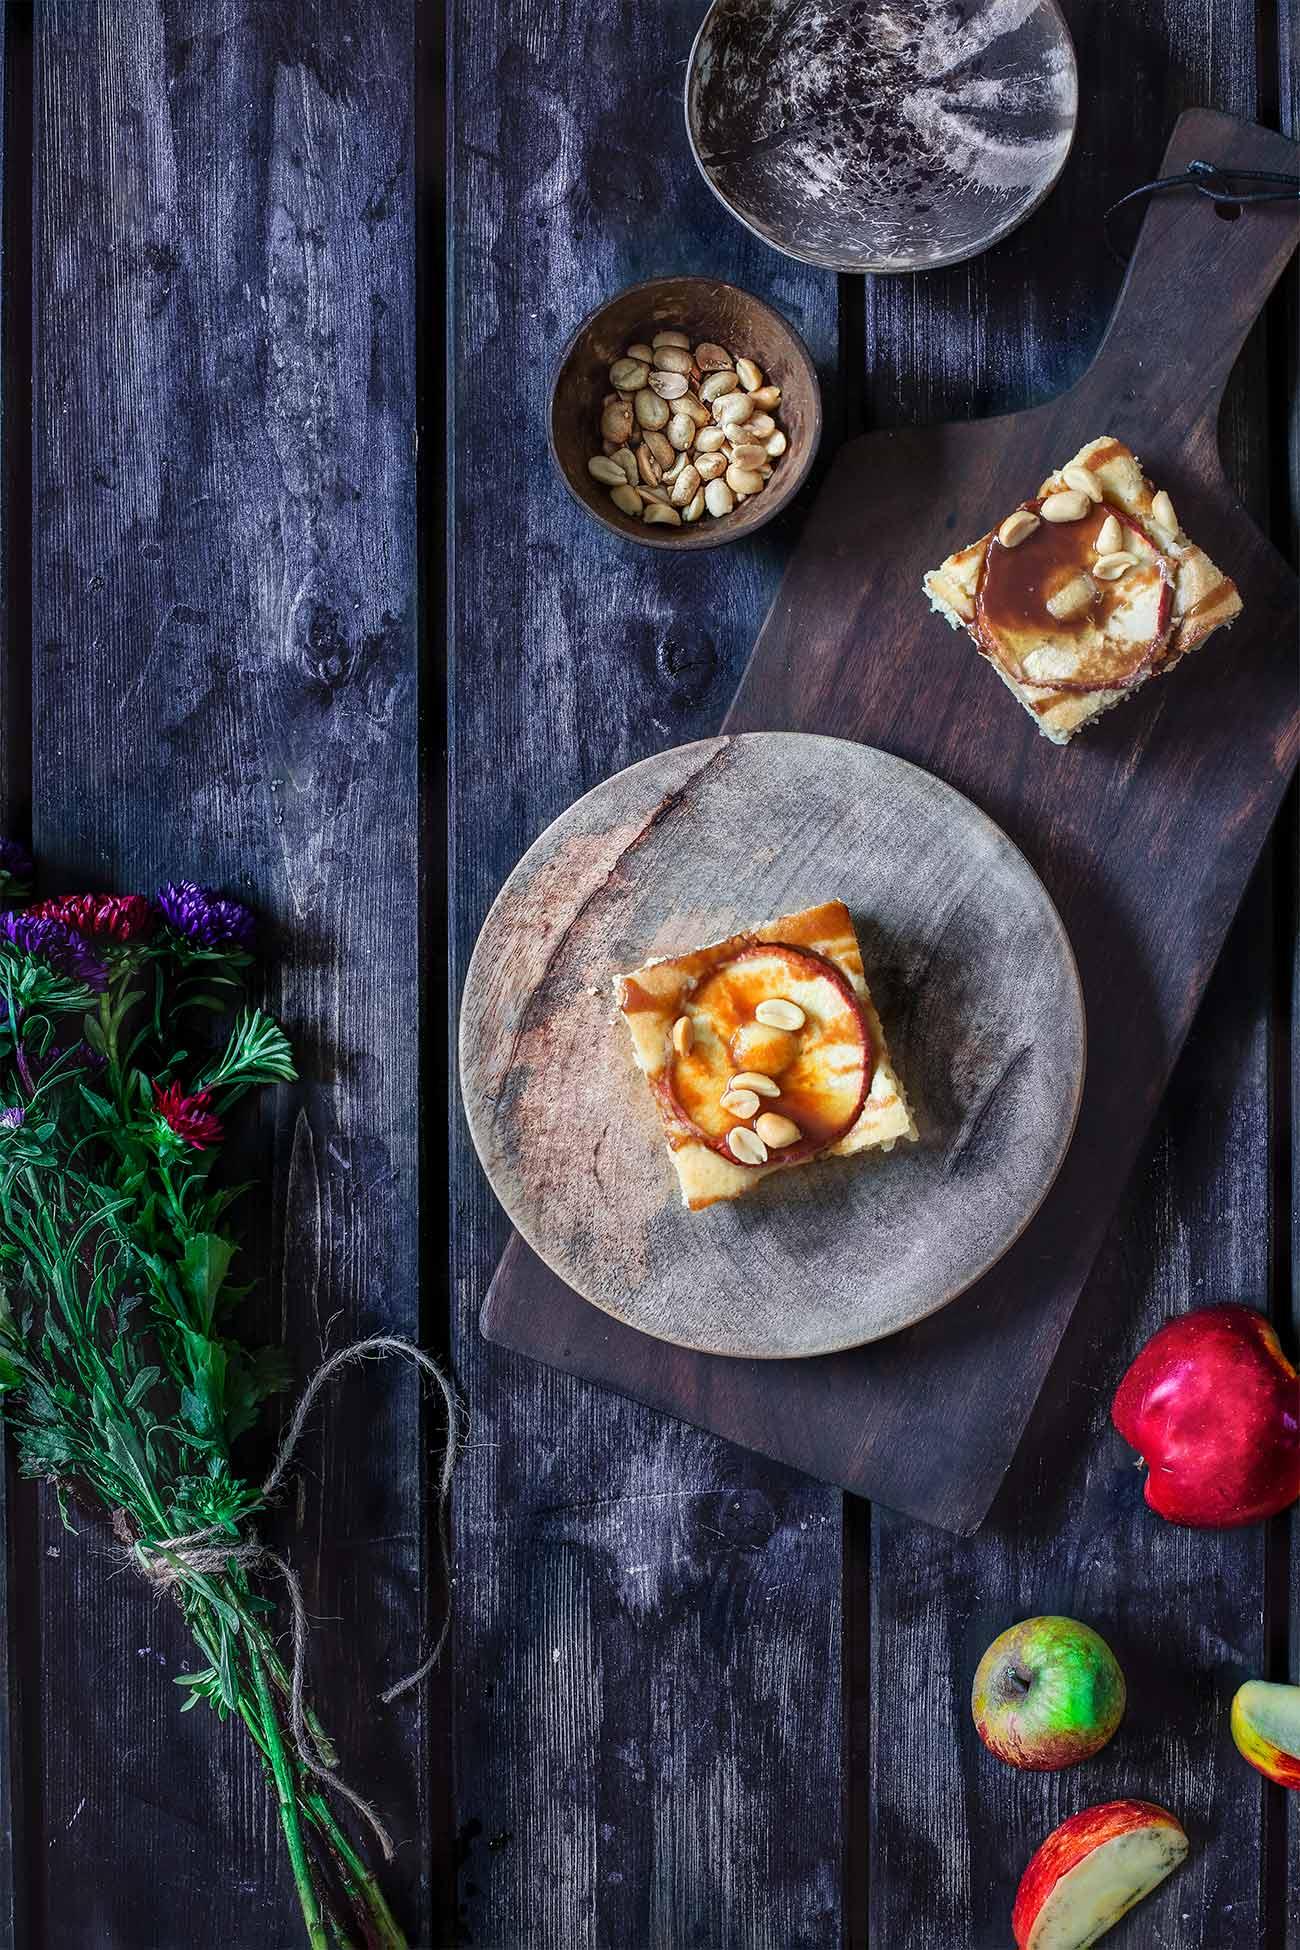 Heute gibt es was aufs Blech. Einen ganz simplen Apfel-Blechkuchen, der mit Erdnüssen und Salzkaramell aufgemotzt wird.